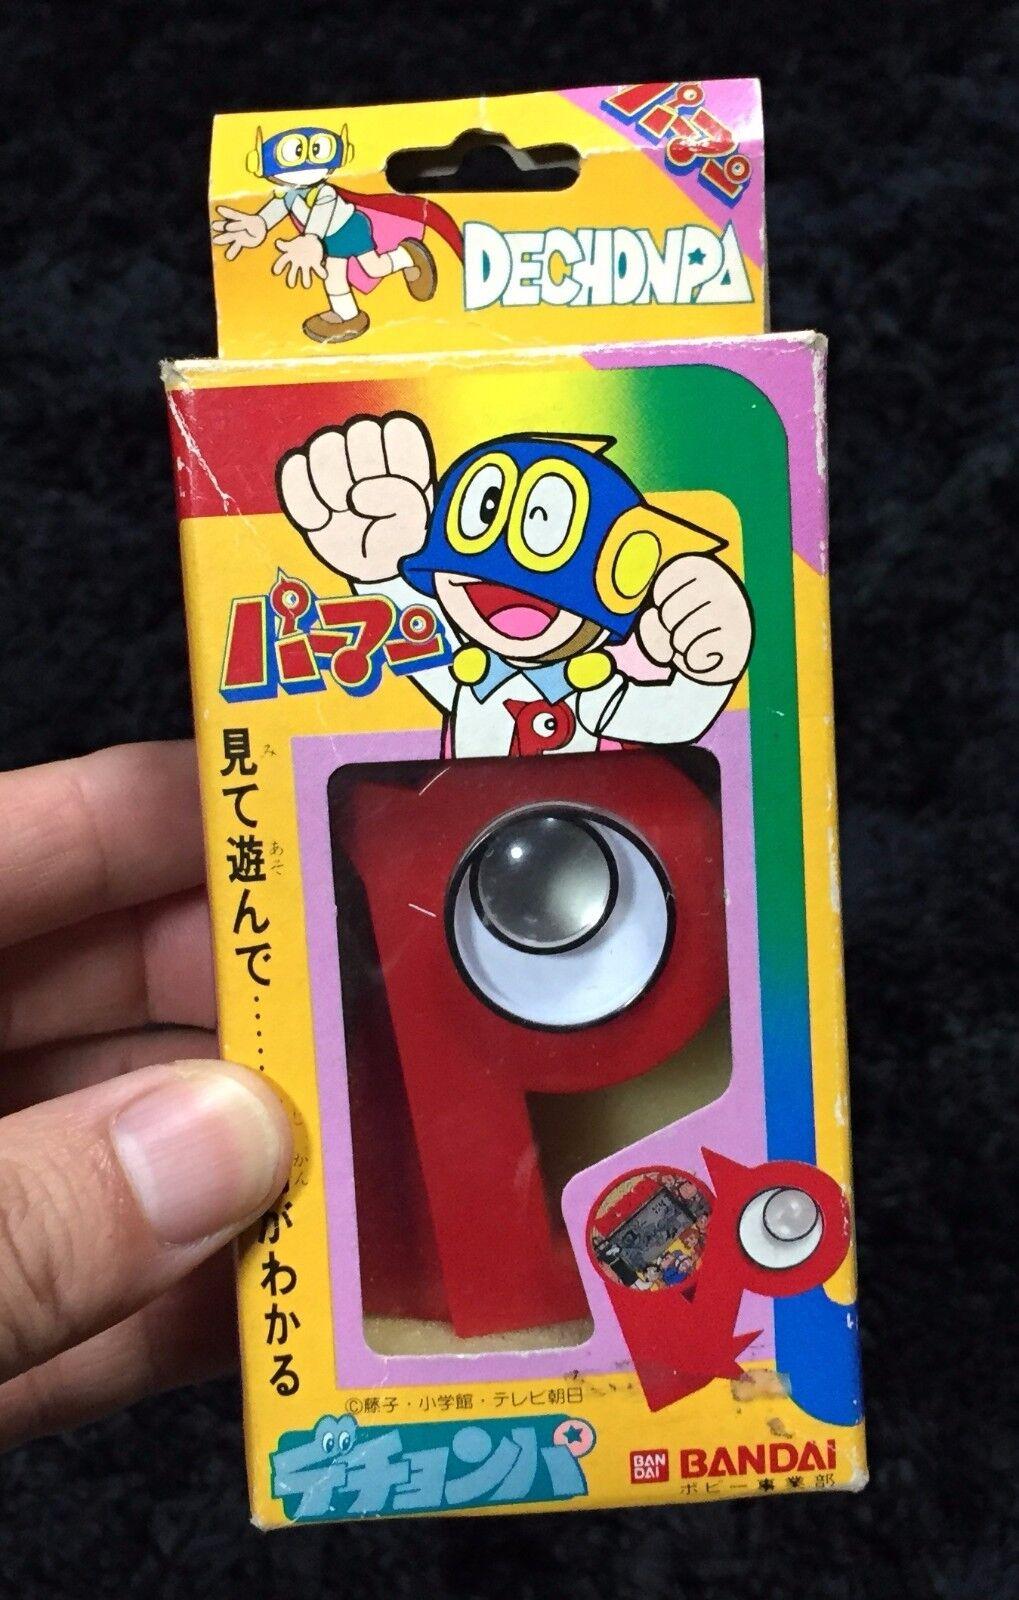 Fujiko F Fujio Japonais Anime Perman pin badge Super Dinamo hombre par SUPER KID